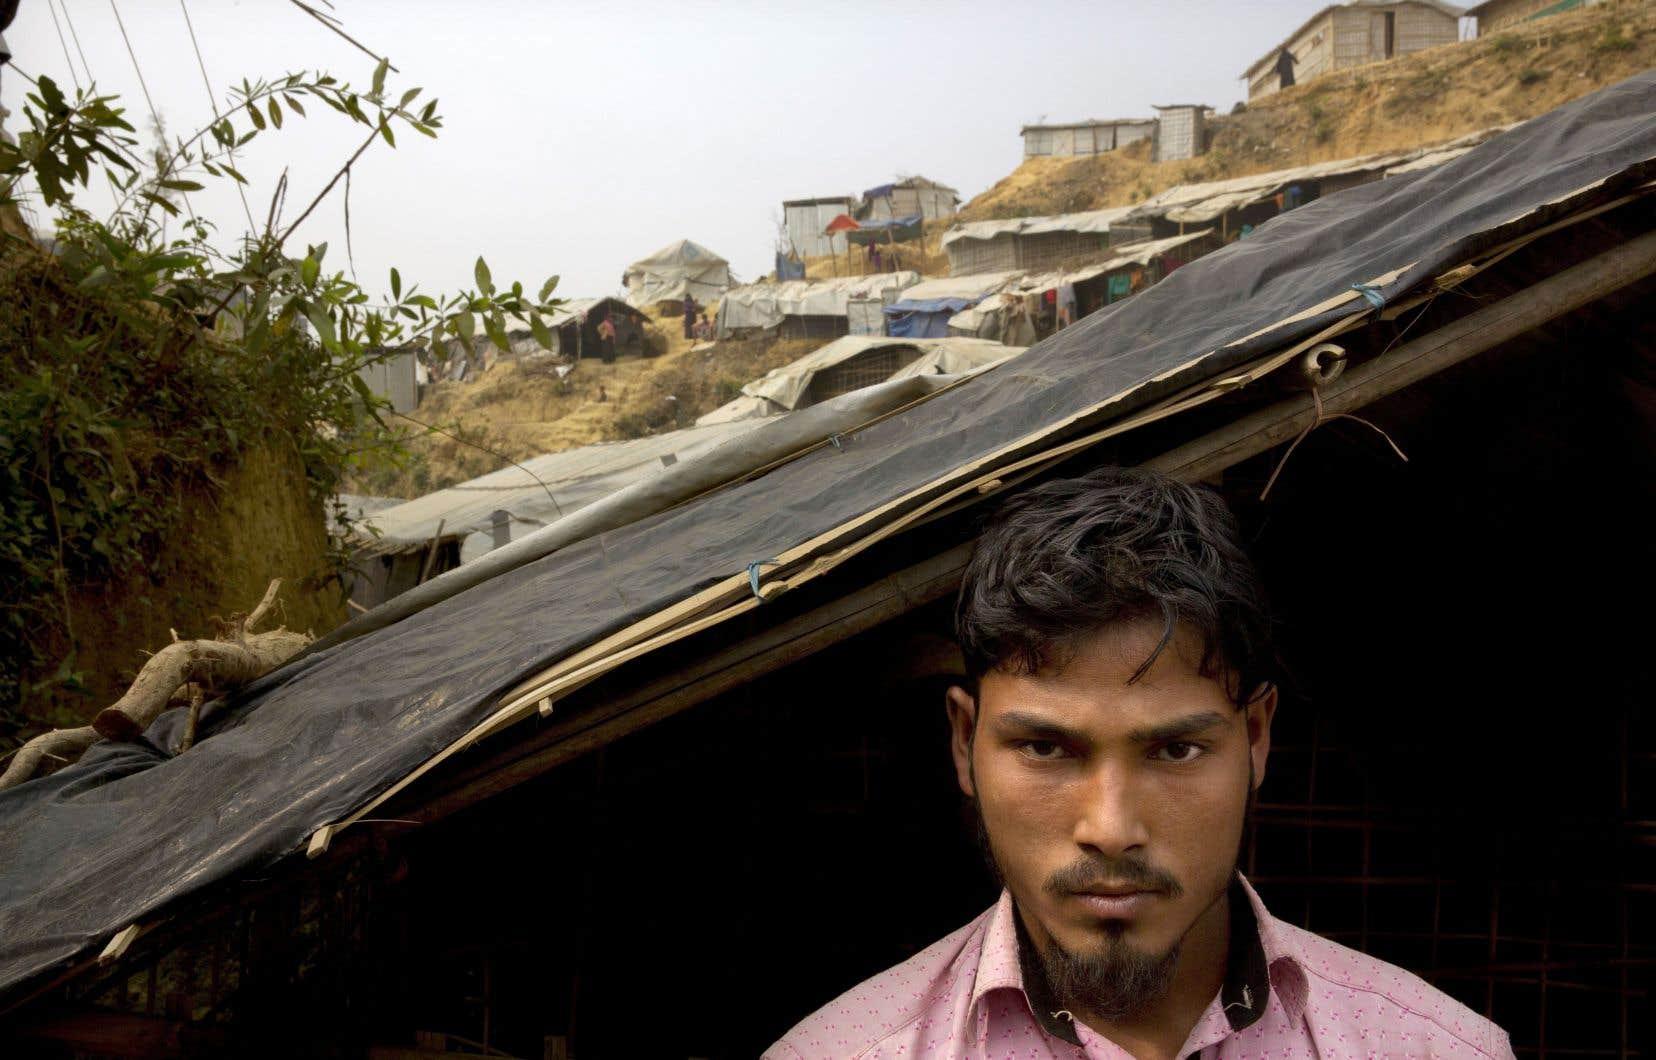 Le réfugié rohingya Mohammad Lalmia est originaire du village Gu Dar Pyin. Comme d'autres villageois, il a vu plusieurs cadavres.